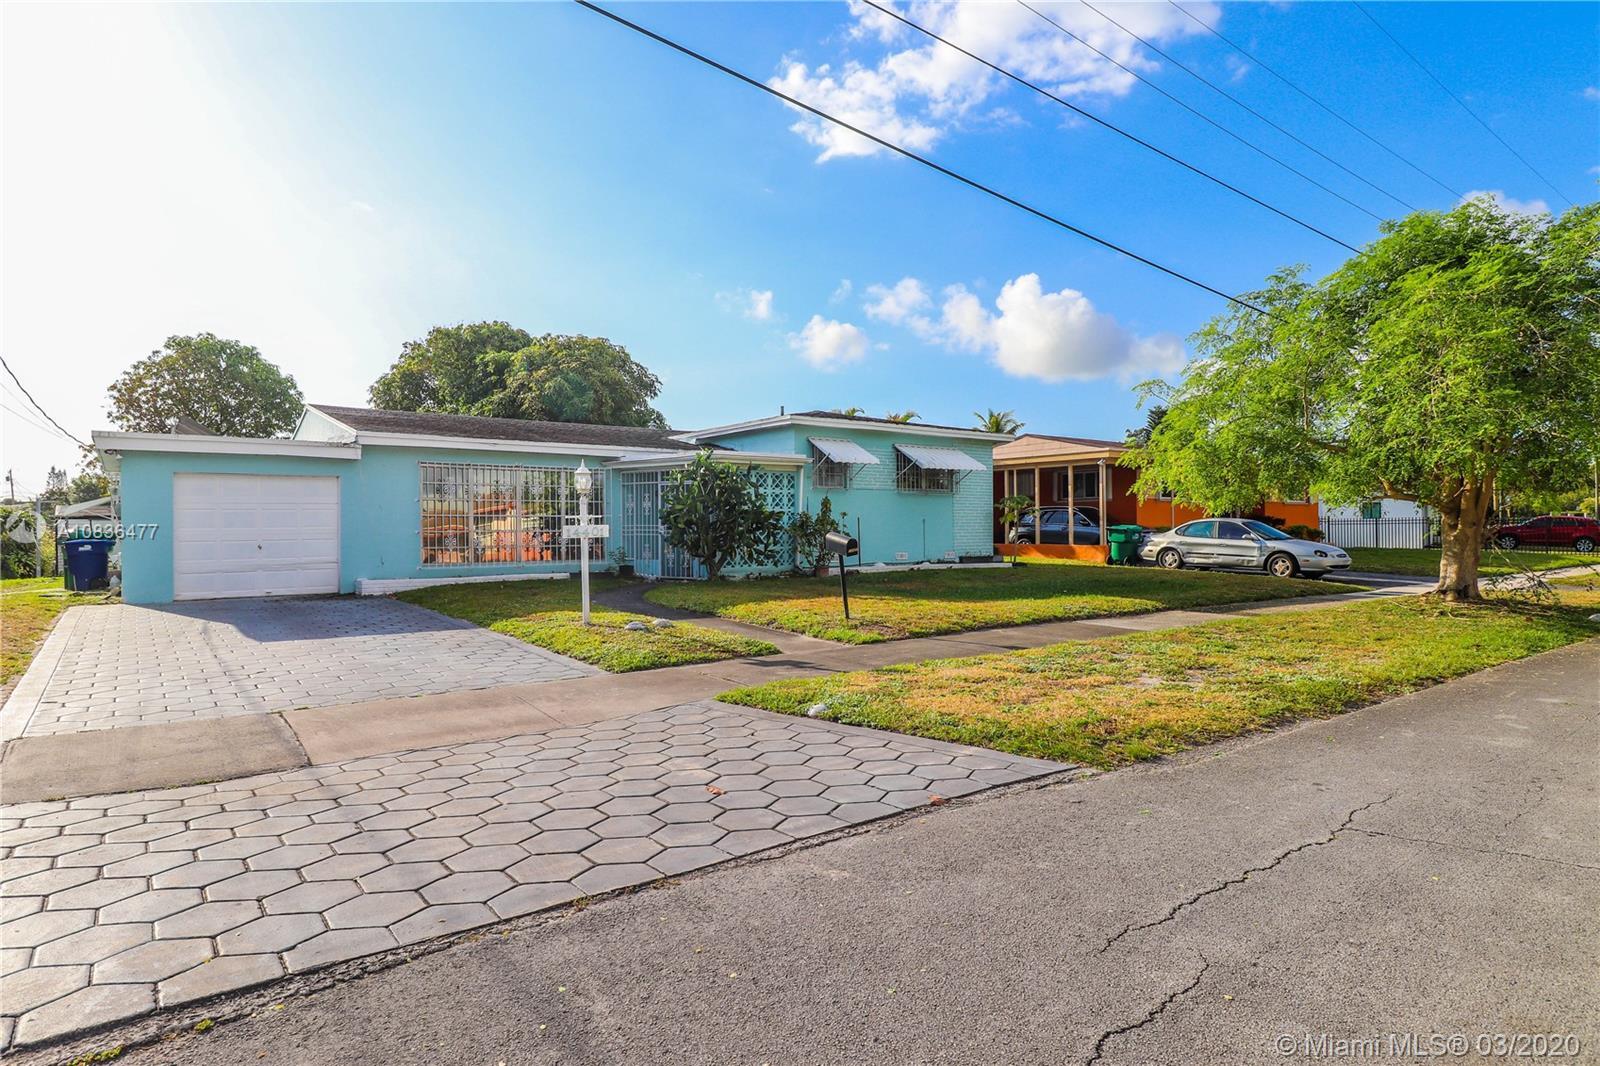 14401 NW 13th Rd, Miami, FL 33167